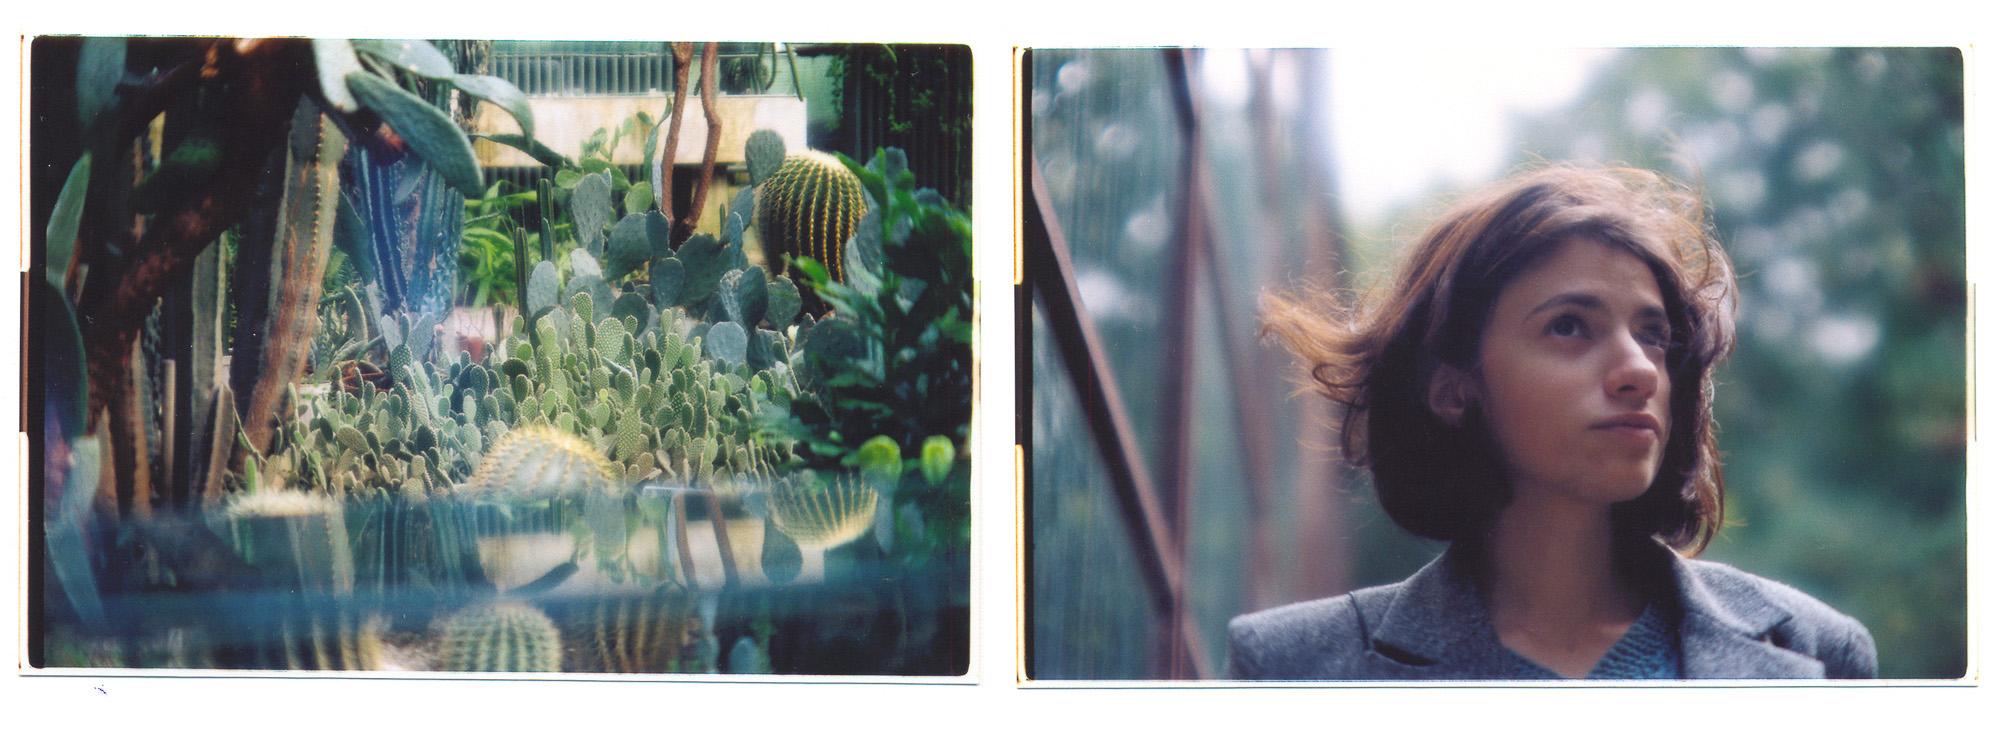 Anca in botanic garden